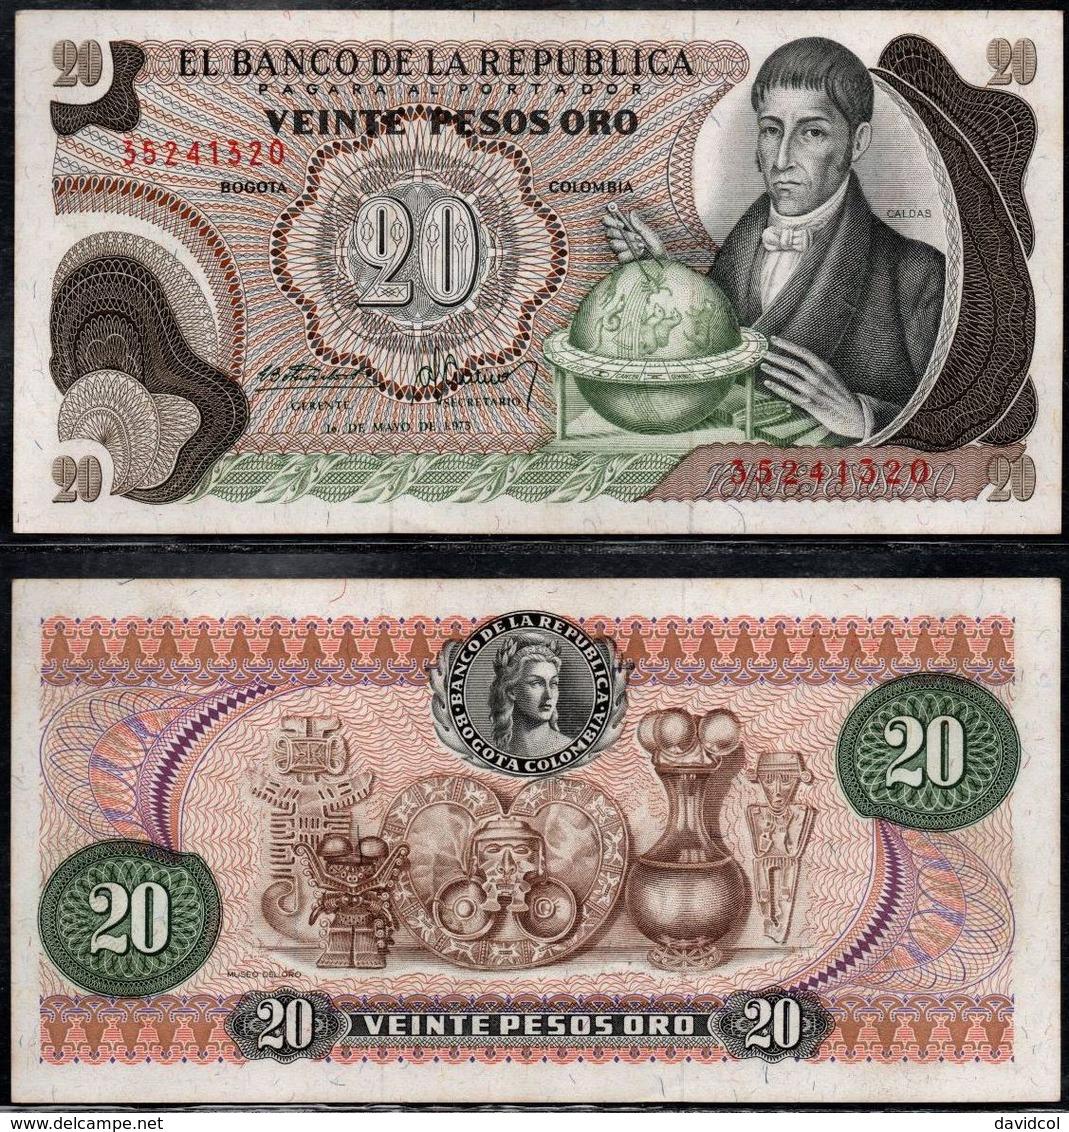 COLOMBIA - 1973 - VEINTE PESOS ORO ( $ 20 ) - UNCIRCULATED. CONDITION 9/10 - Colombie